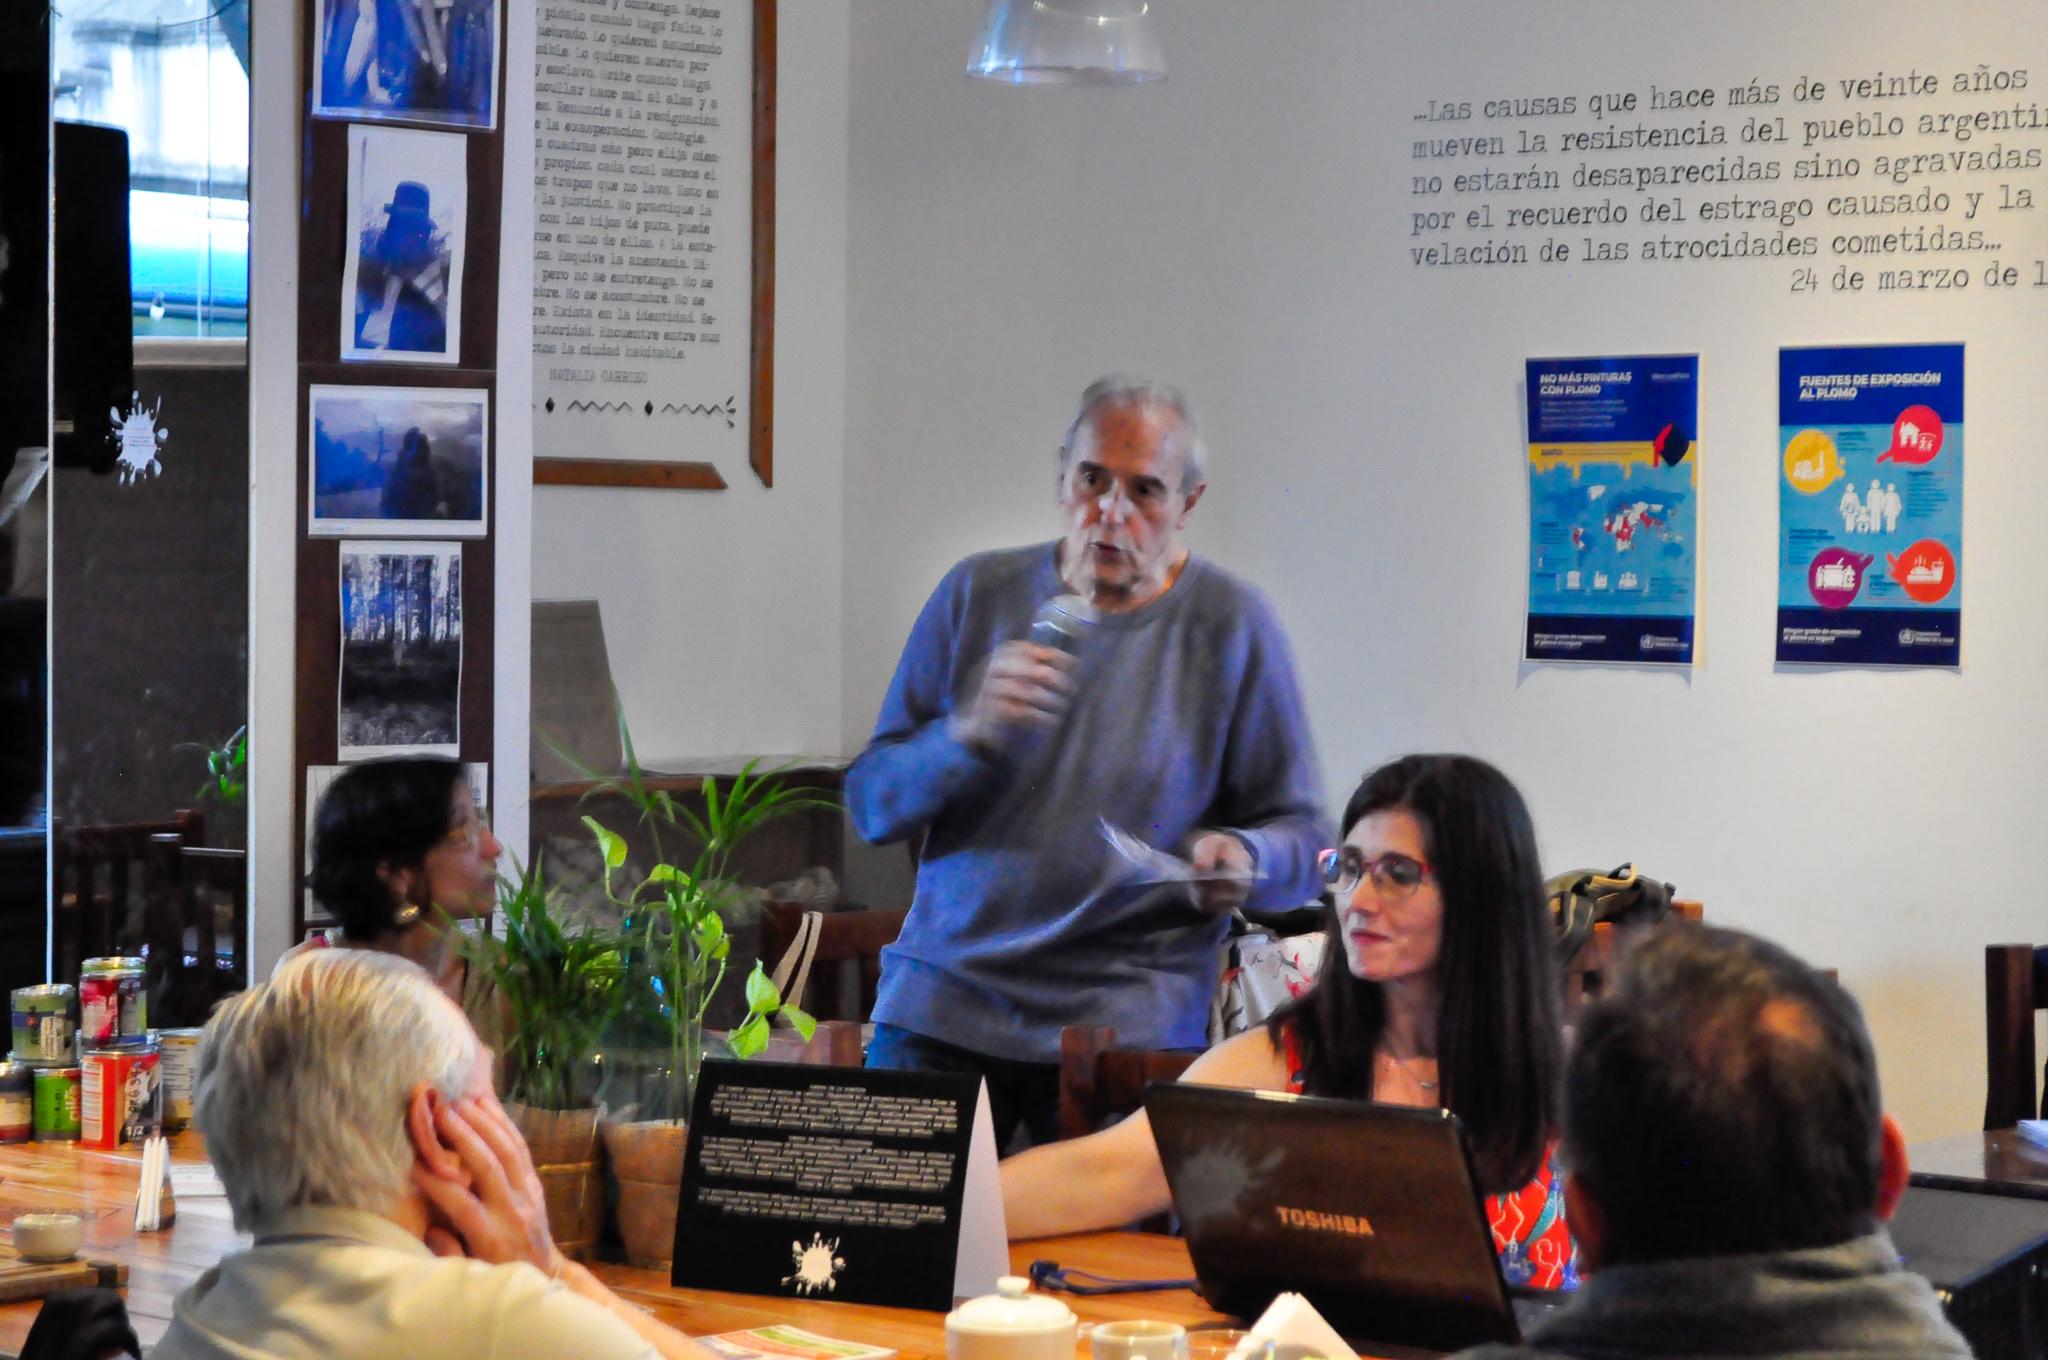 Plomo en pinturas: charla de concientización y debate